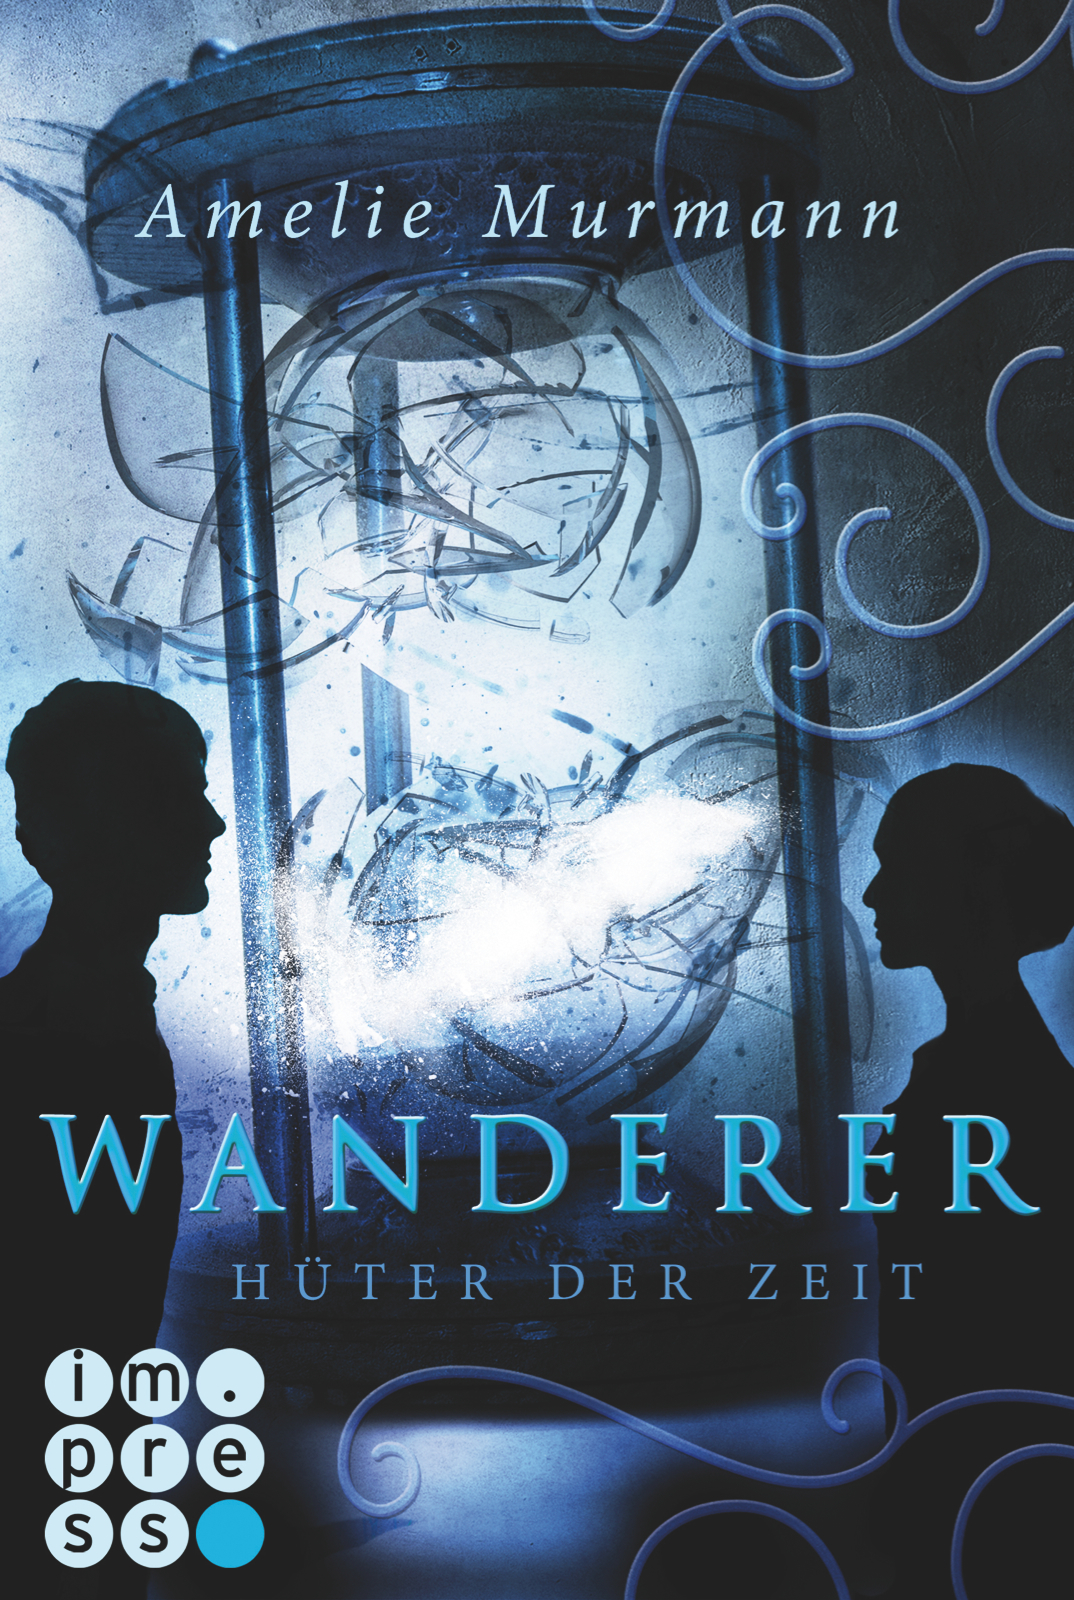 Wanderer der Zeit 2 – Hüter der Zeit (Amelie Murmann)